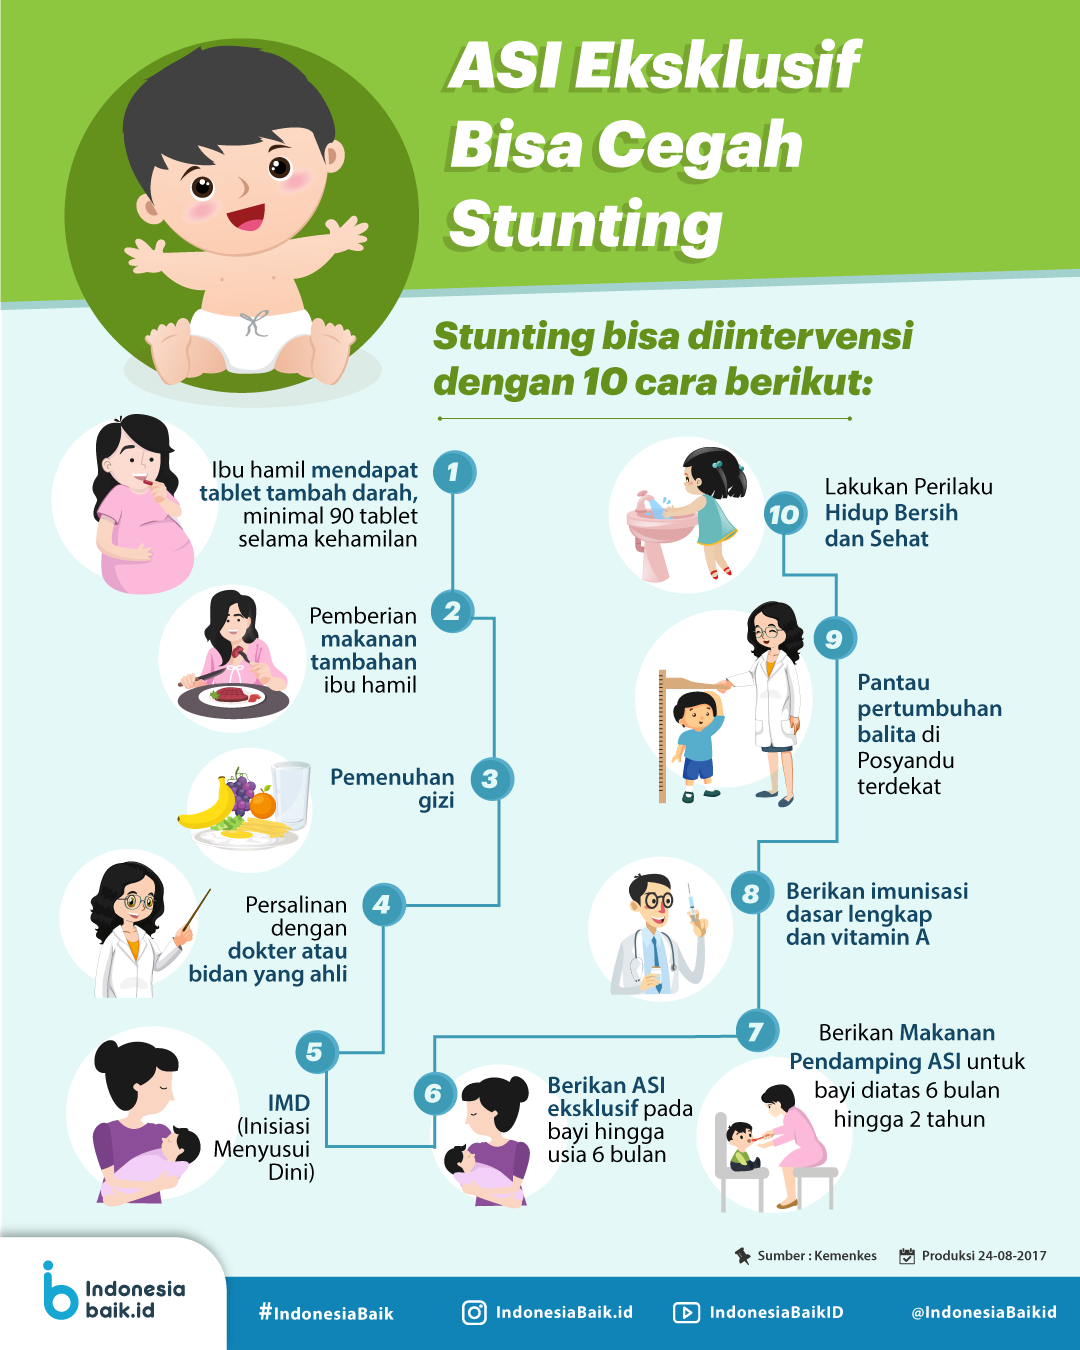 Apa Manfaat Asi Eksklusif Persagi Bandung